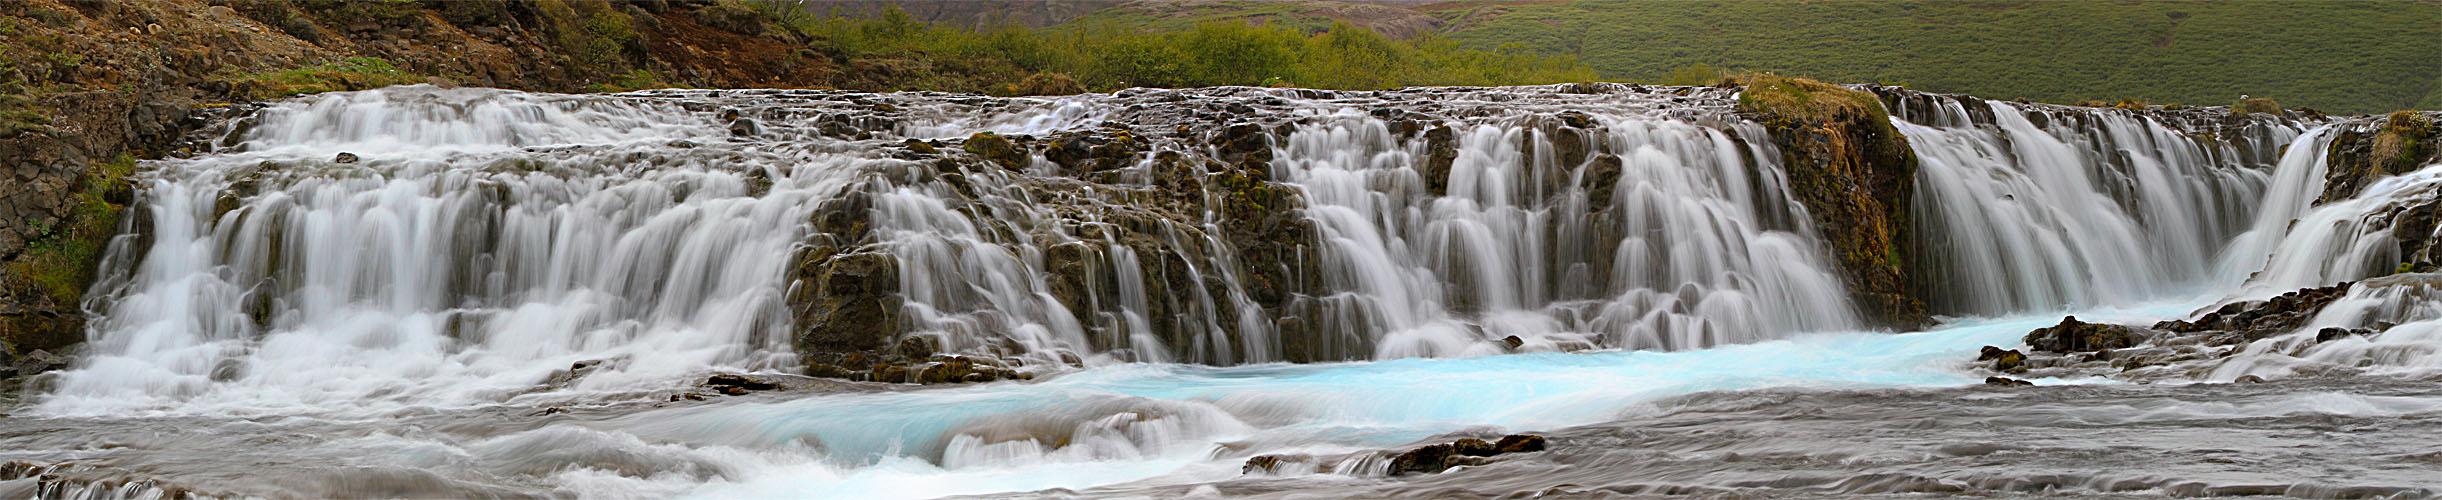 Brúarfoss - Gruß aus Island